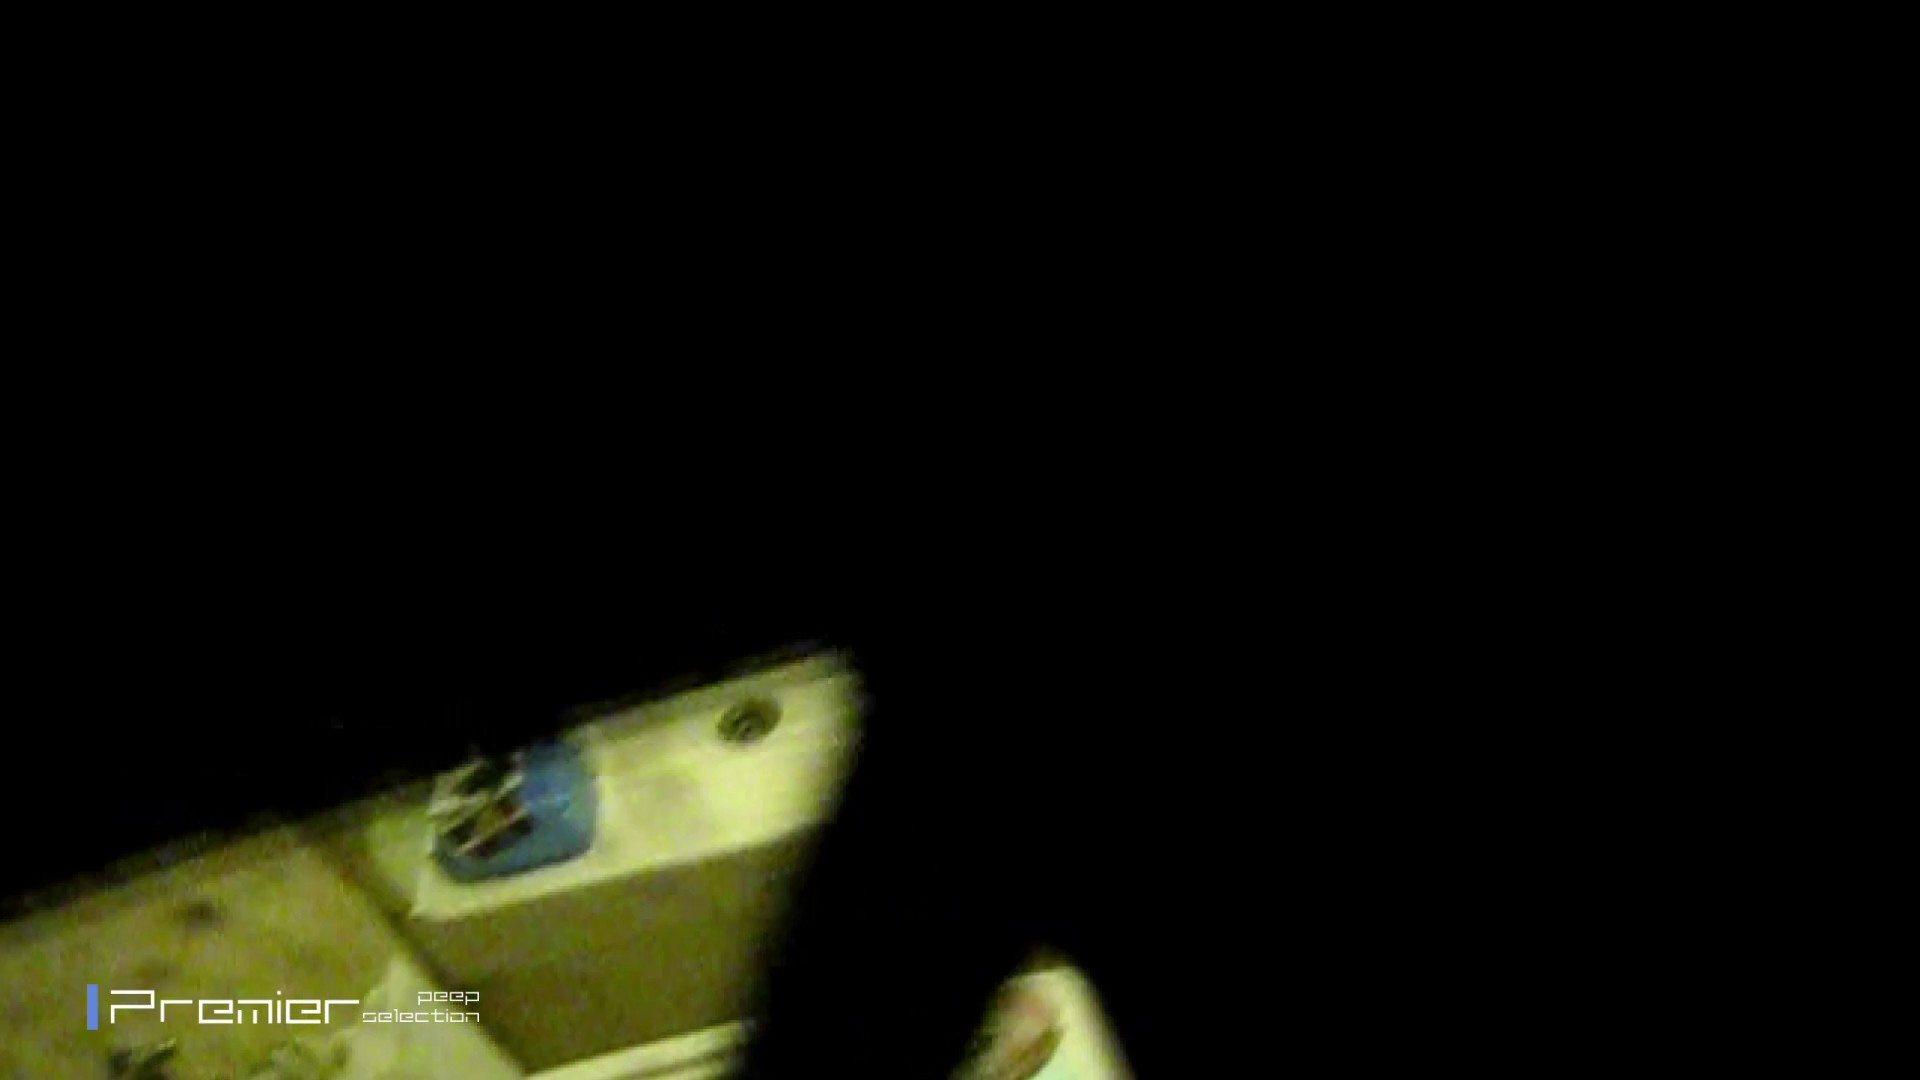 携帯触りなが満子をいじる 乙女の風呂場 Vol.19 乙女だって。。。 スケベ動画紹介 76画像 10